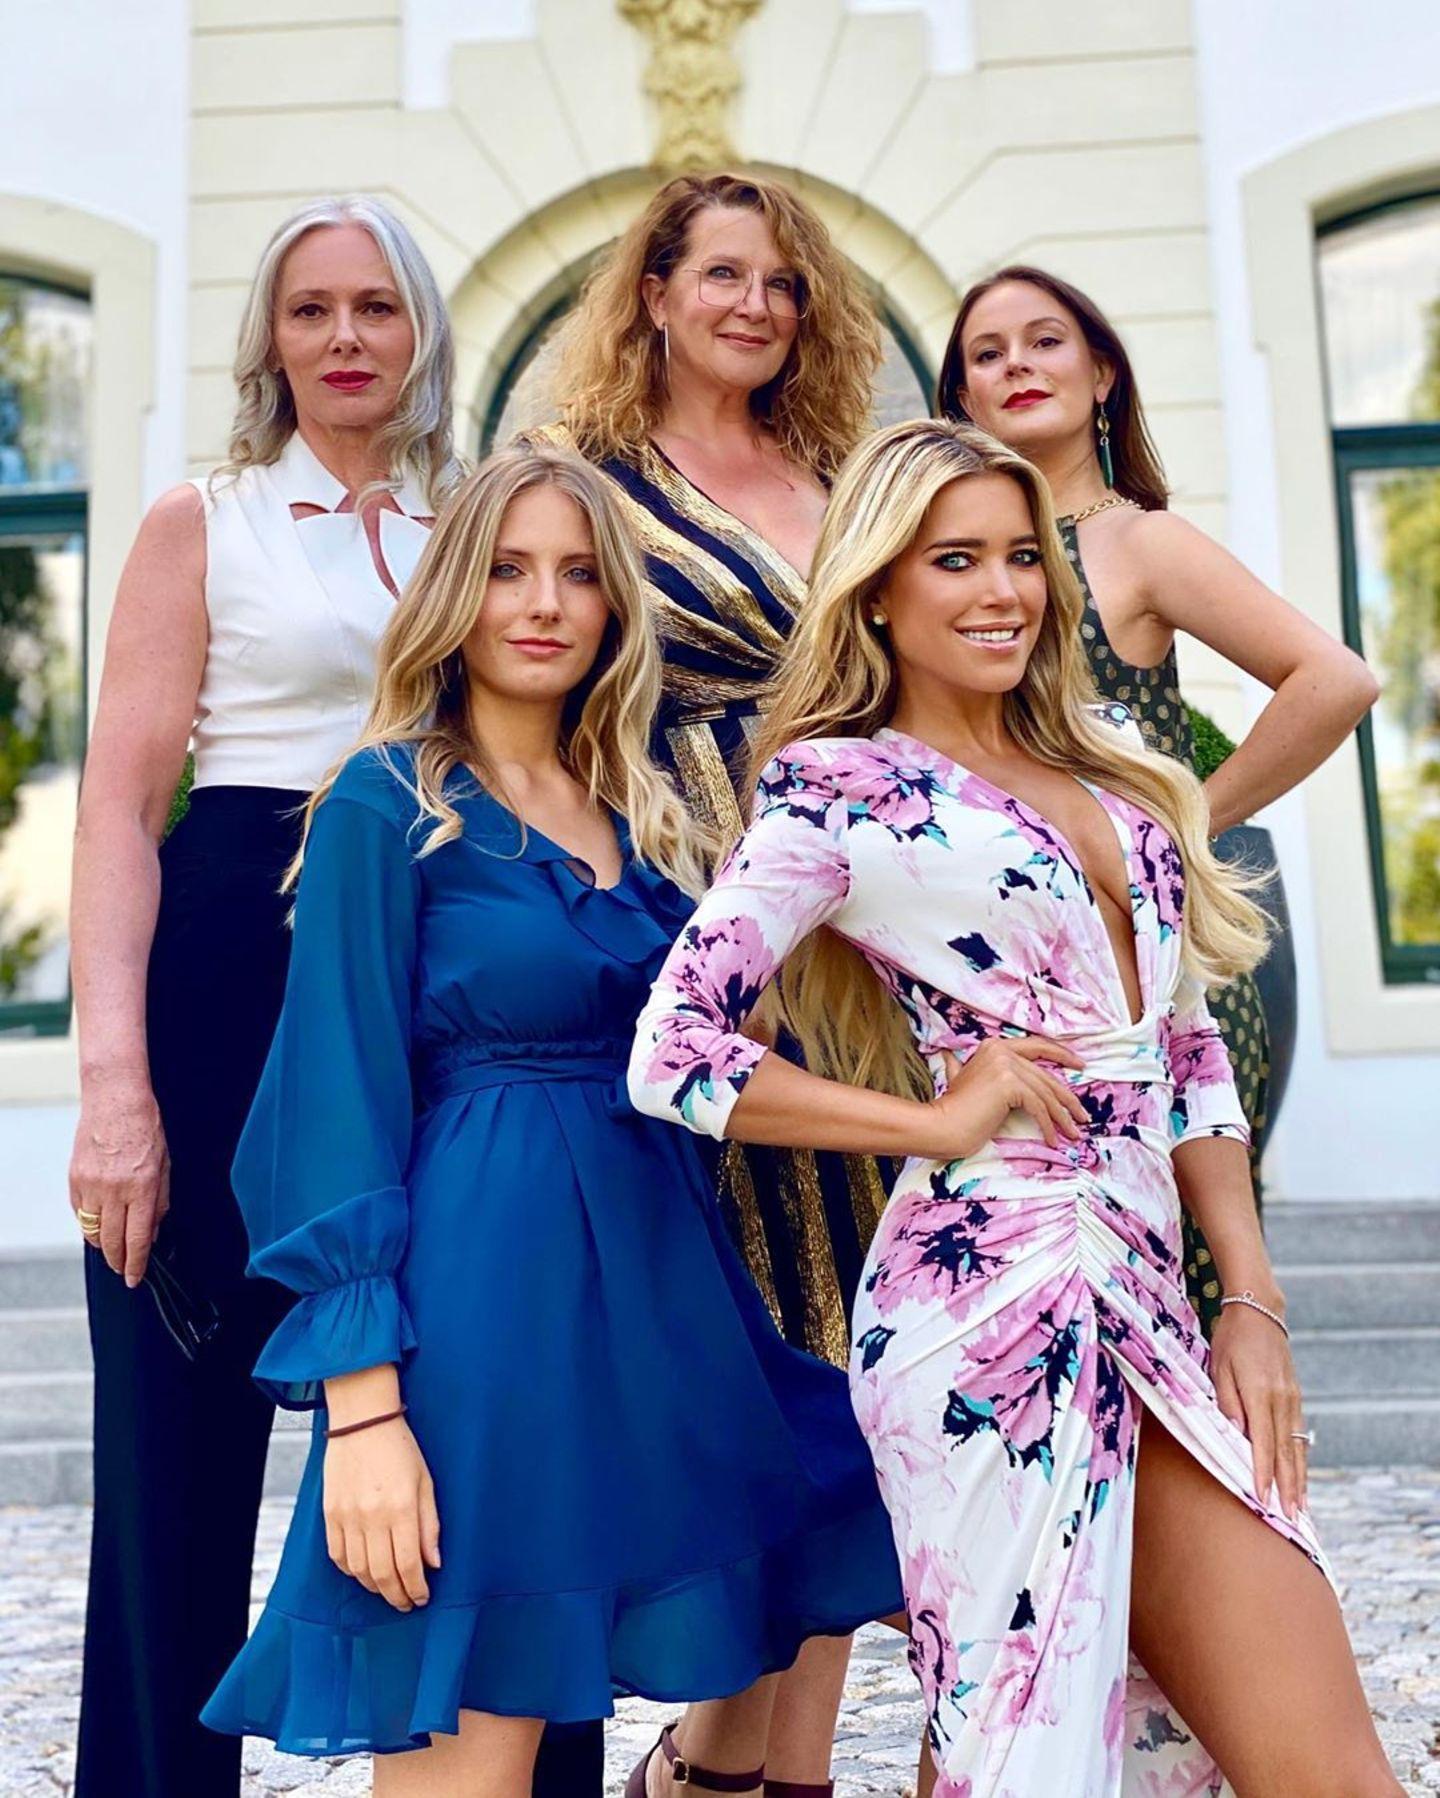 Und das ist die Junggesellinen-Crew: Sylvies beste Freundinnen posieren lässig vor dem Hotel und feiern ihre Freundin. Die Bride-to-be Sylvie selbst glänzt in einem sexy Blumen-Kleidmit Beinschlitz und XXL-Dekolleté.